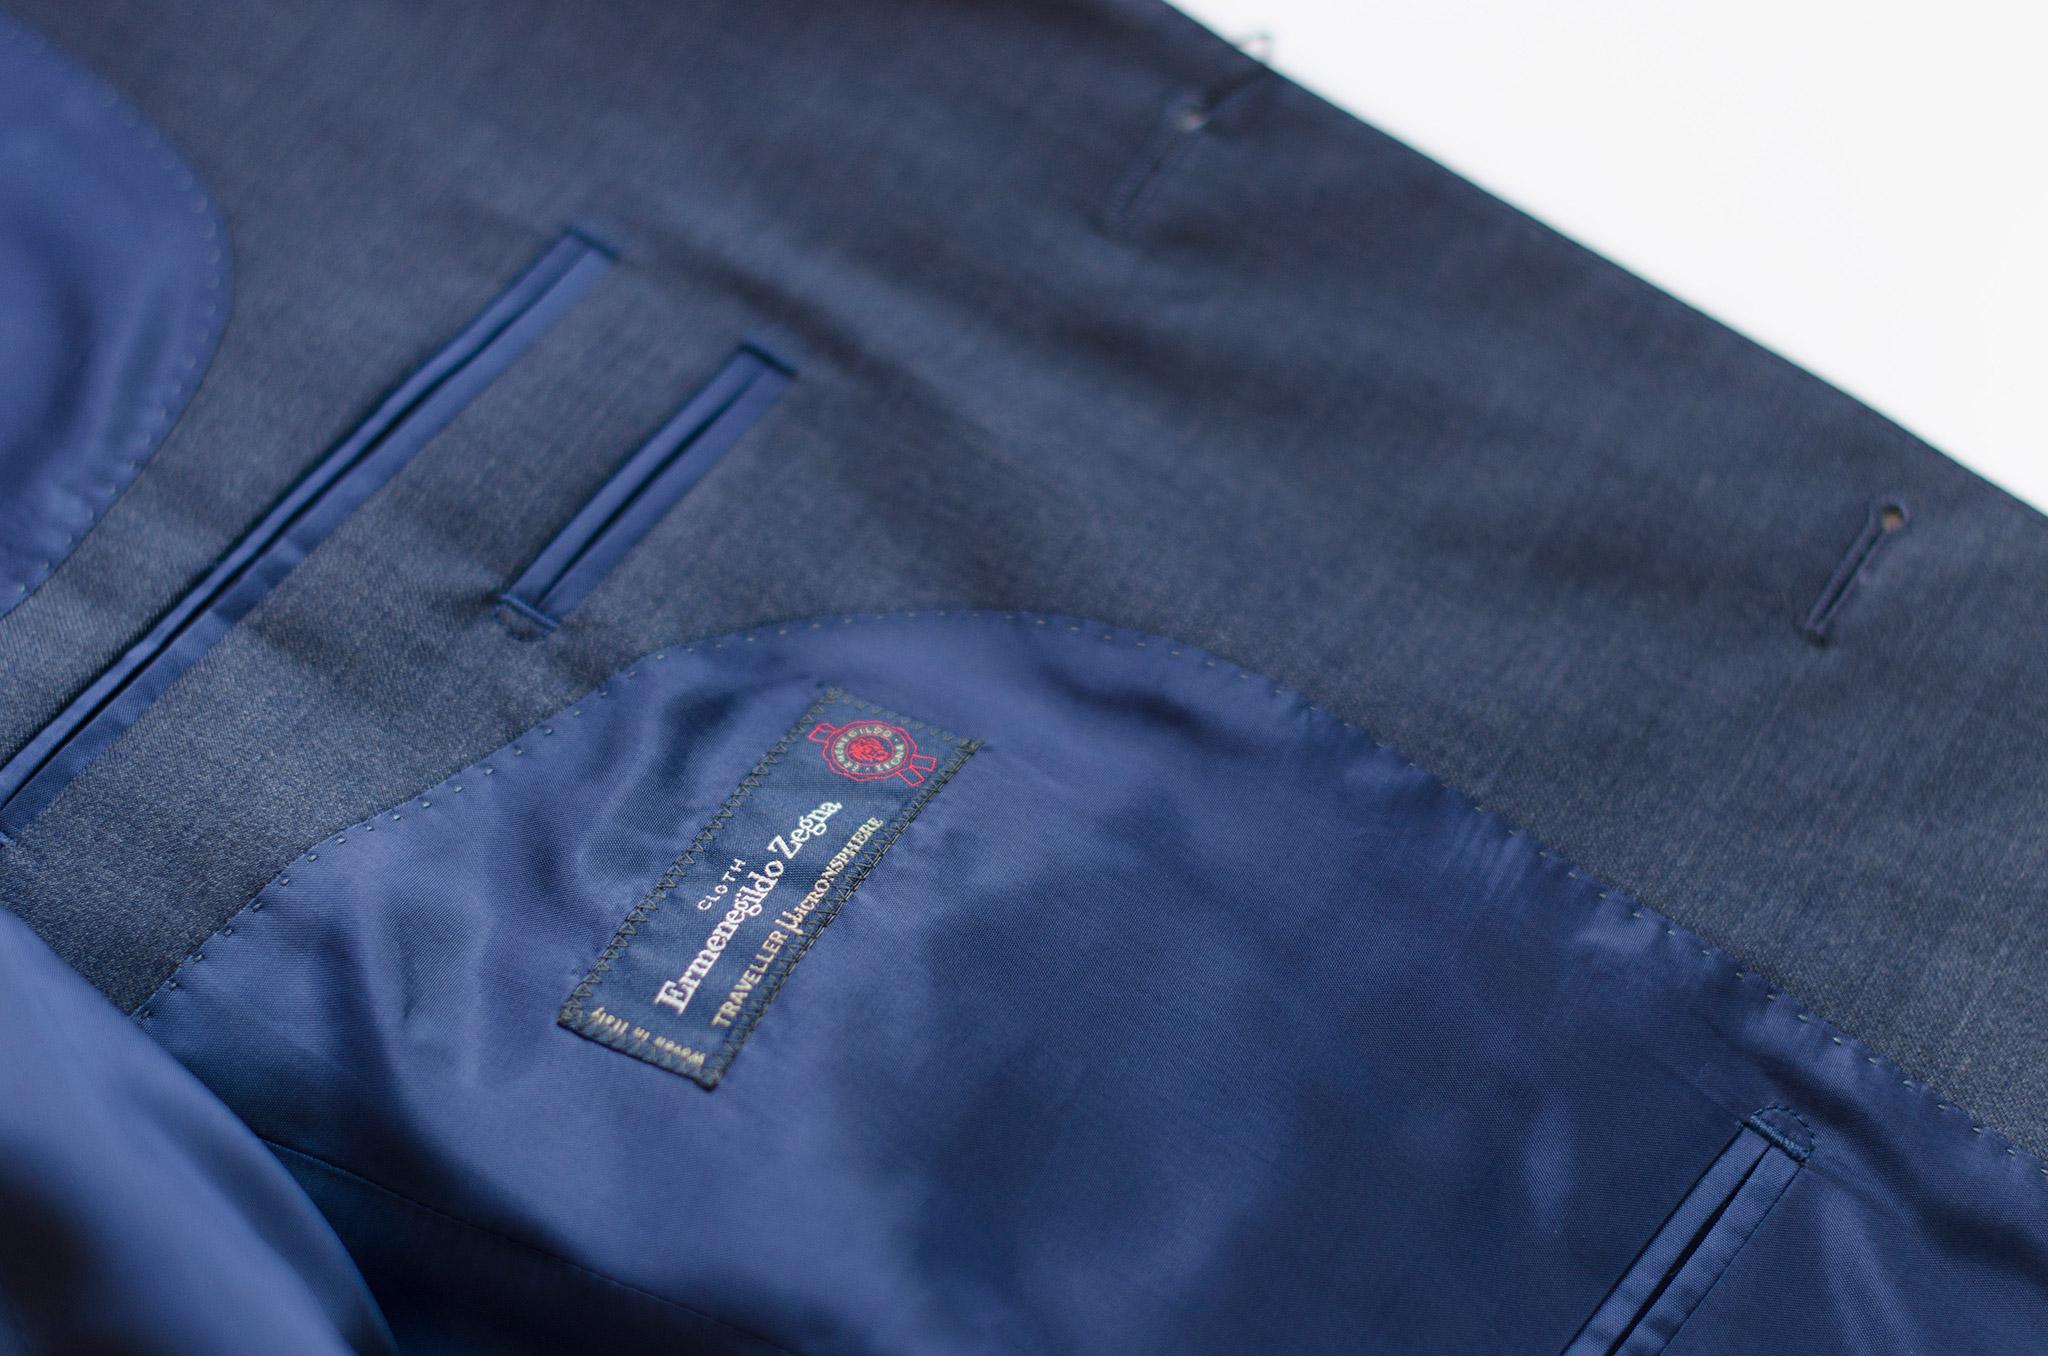 Blå dress i stoffet Ermenegildo Zegna Traveller Microsphere. Menswear Oslo og Trondheim